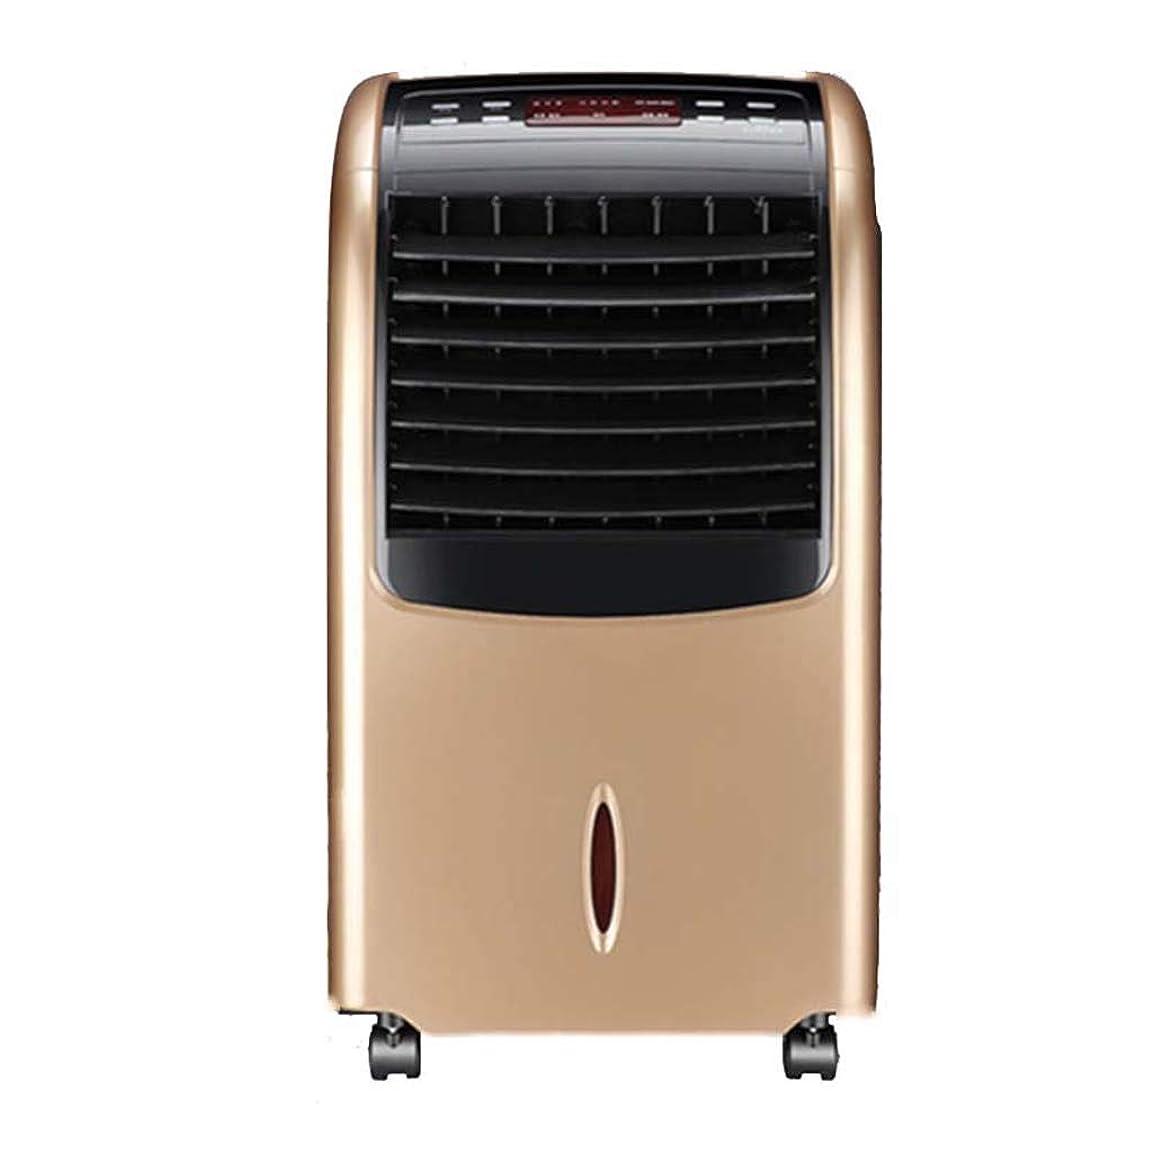 気難しい蓮泥だらけエアコンファン、冷暖房、エアコン、小型エアコンヒーター/暖房/タイミング